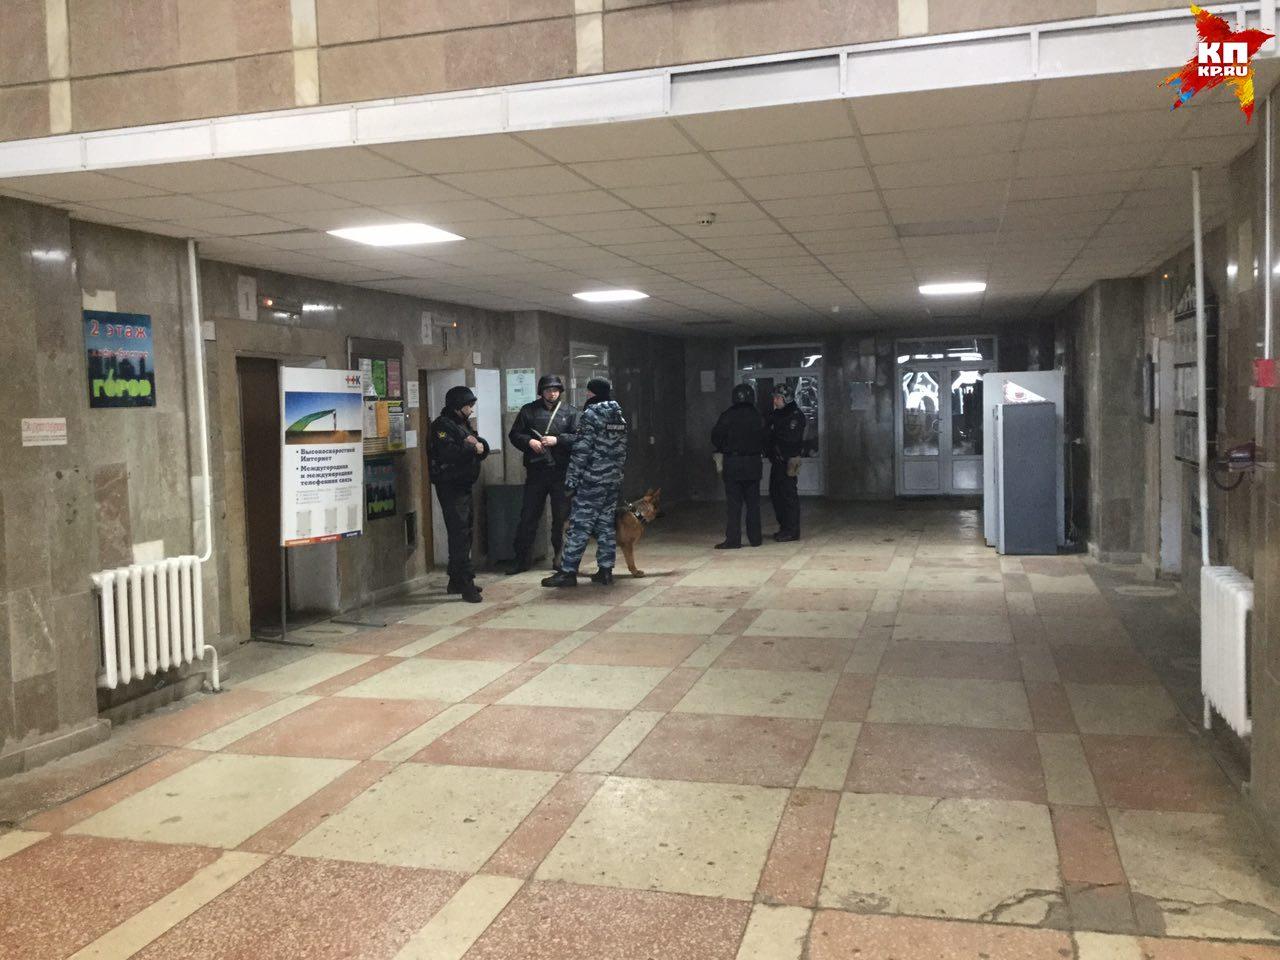 Виновник эвакуации Фрунзенского суда звонил ссотового телефона